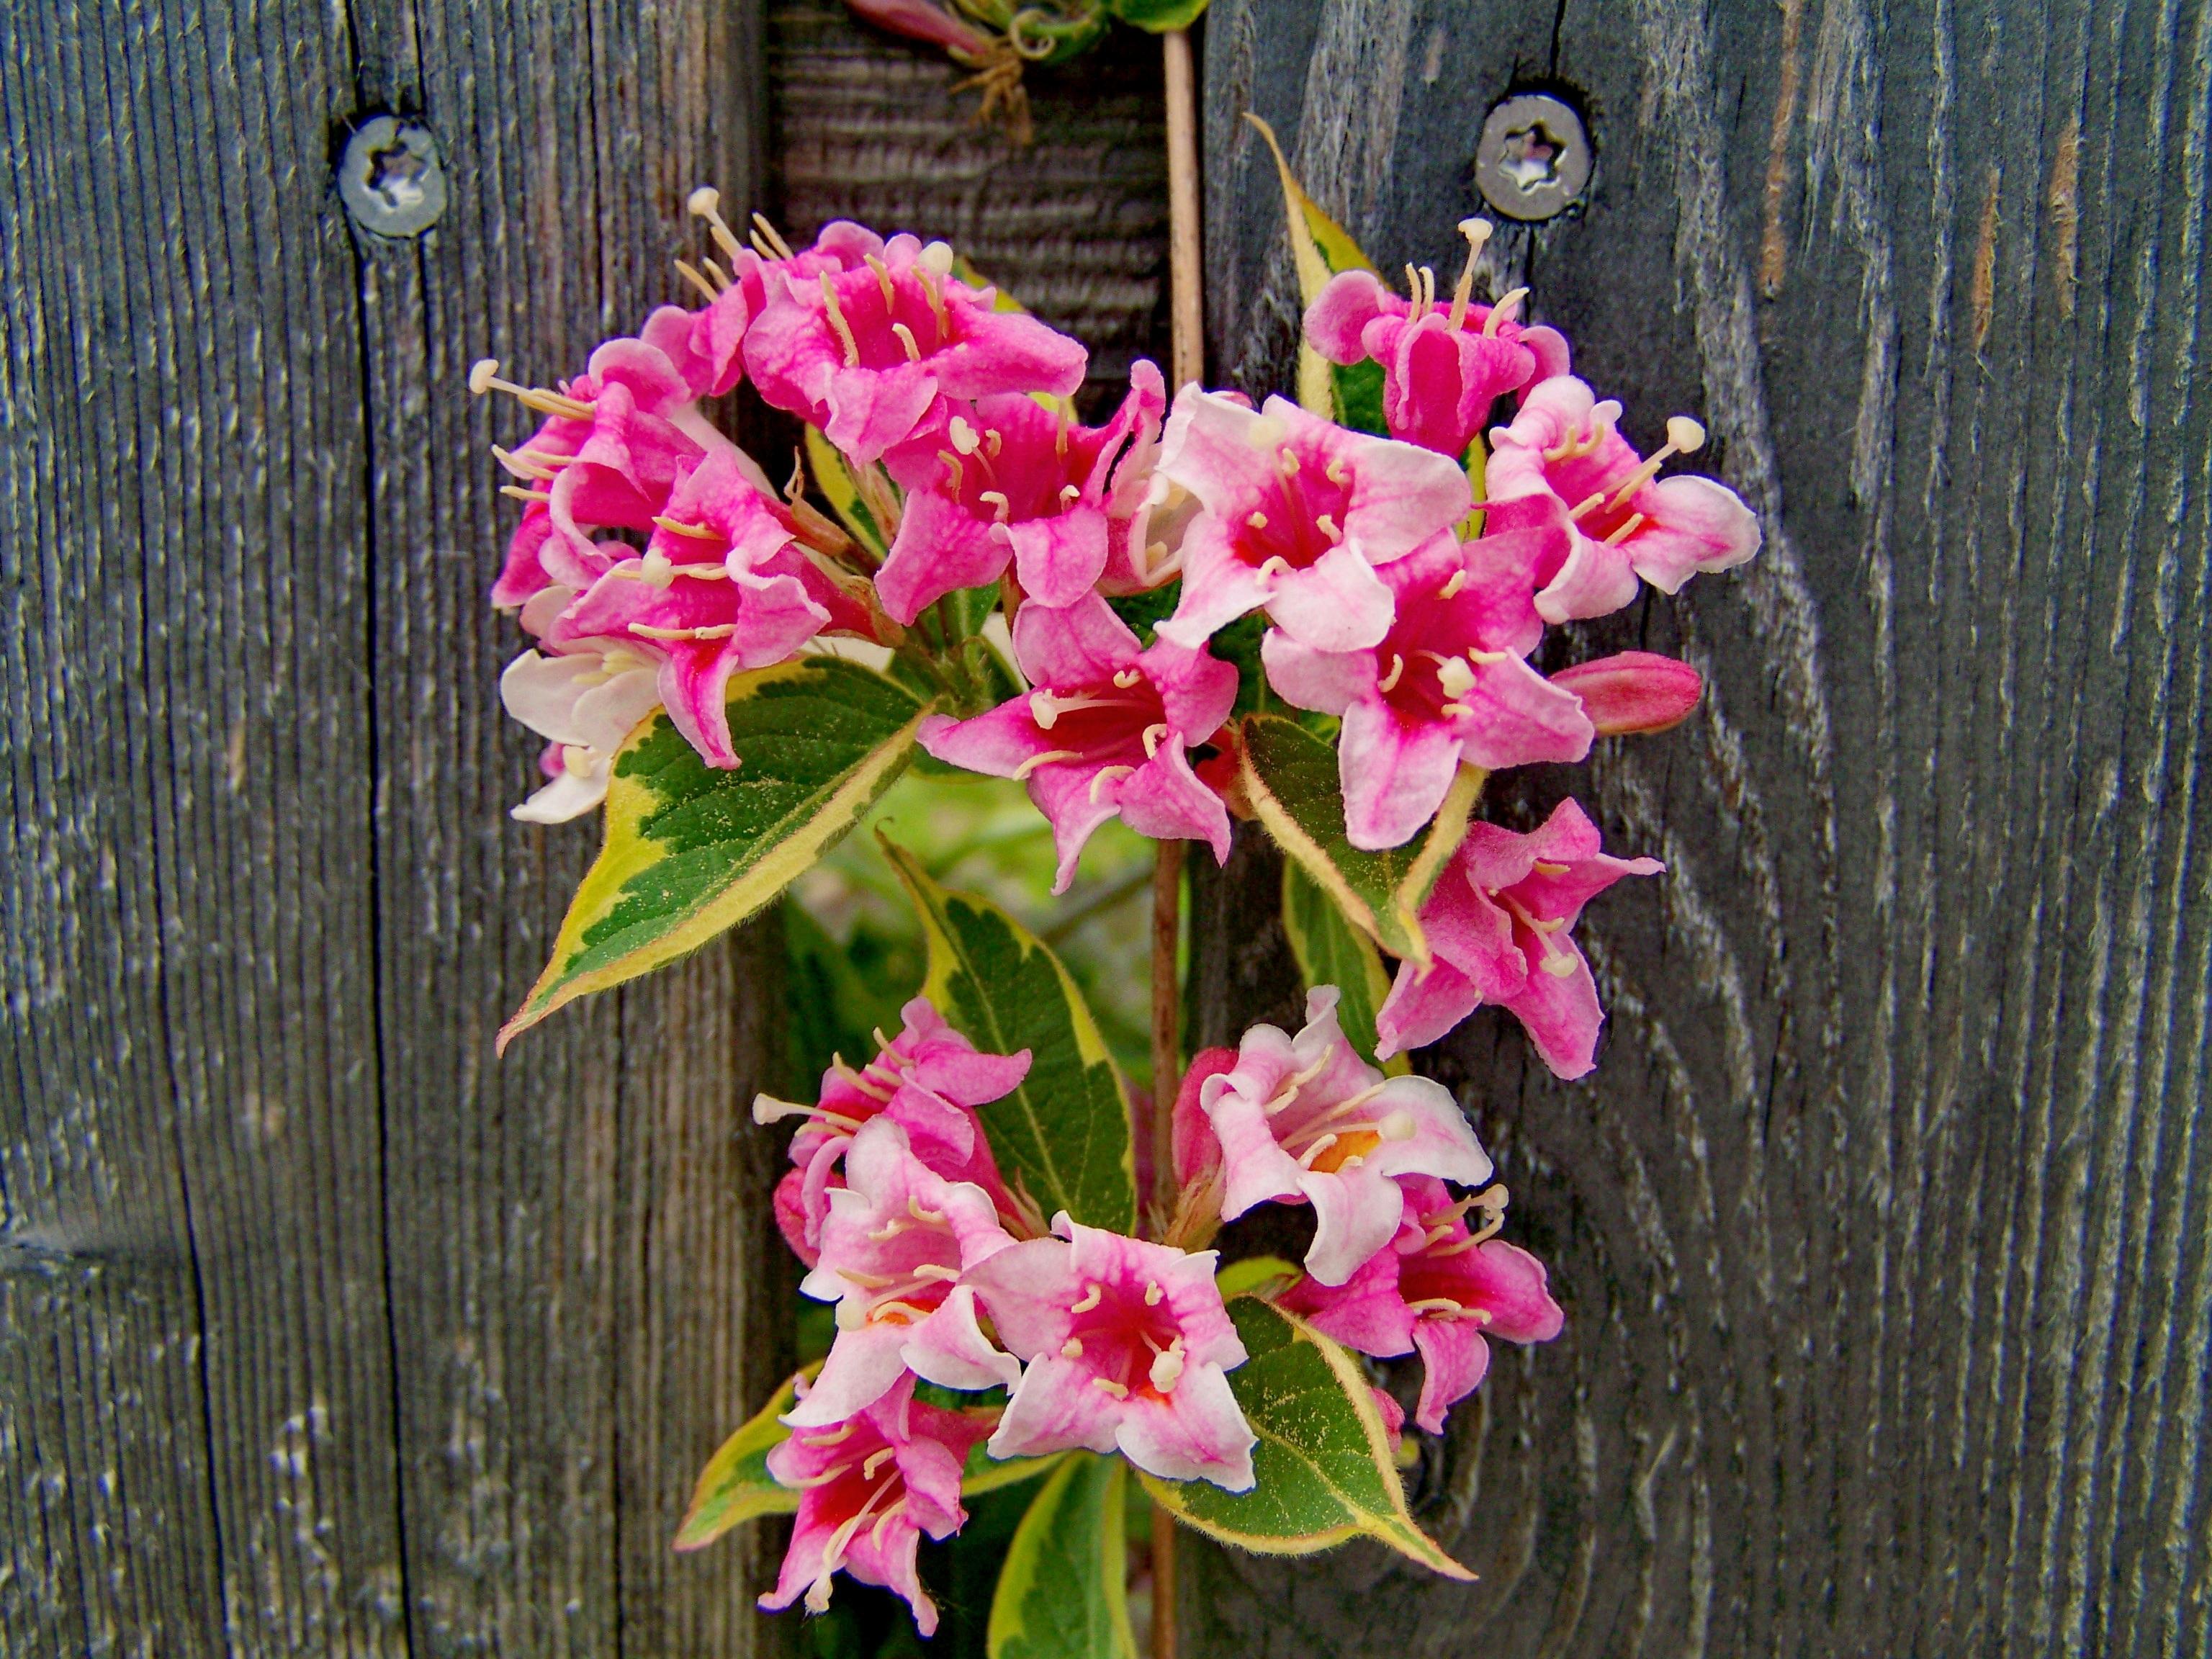 Images Gratuites : fleur, botanique, jardin, rose, flore ...